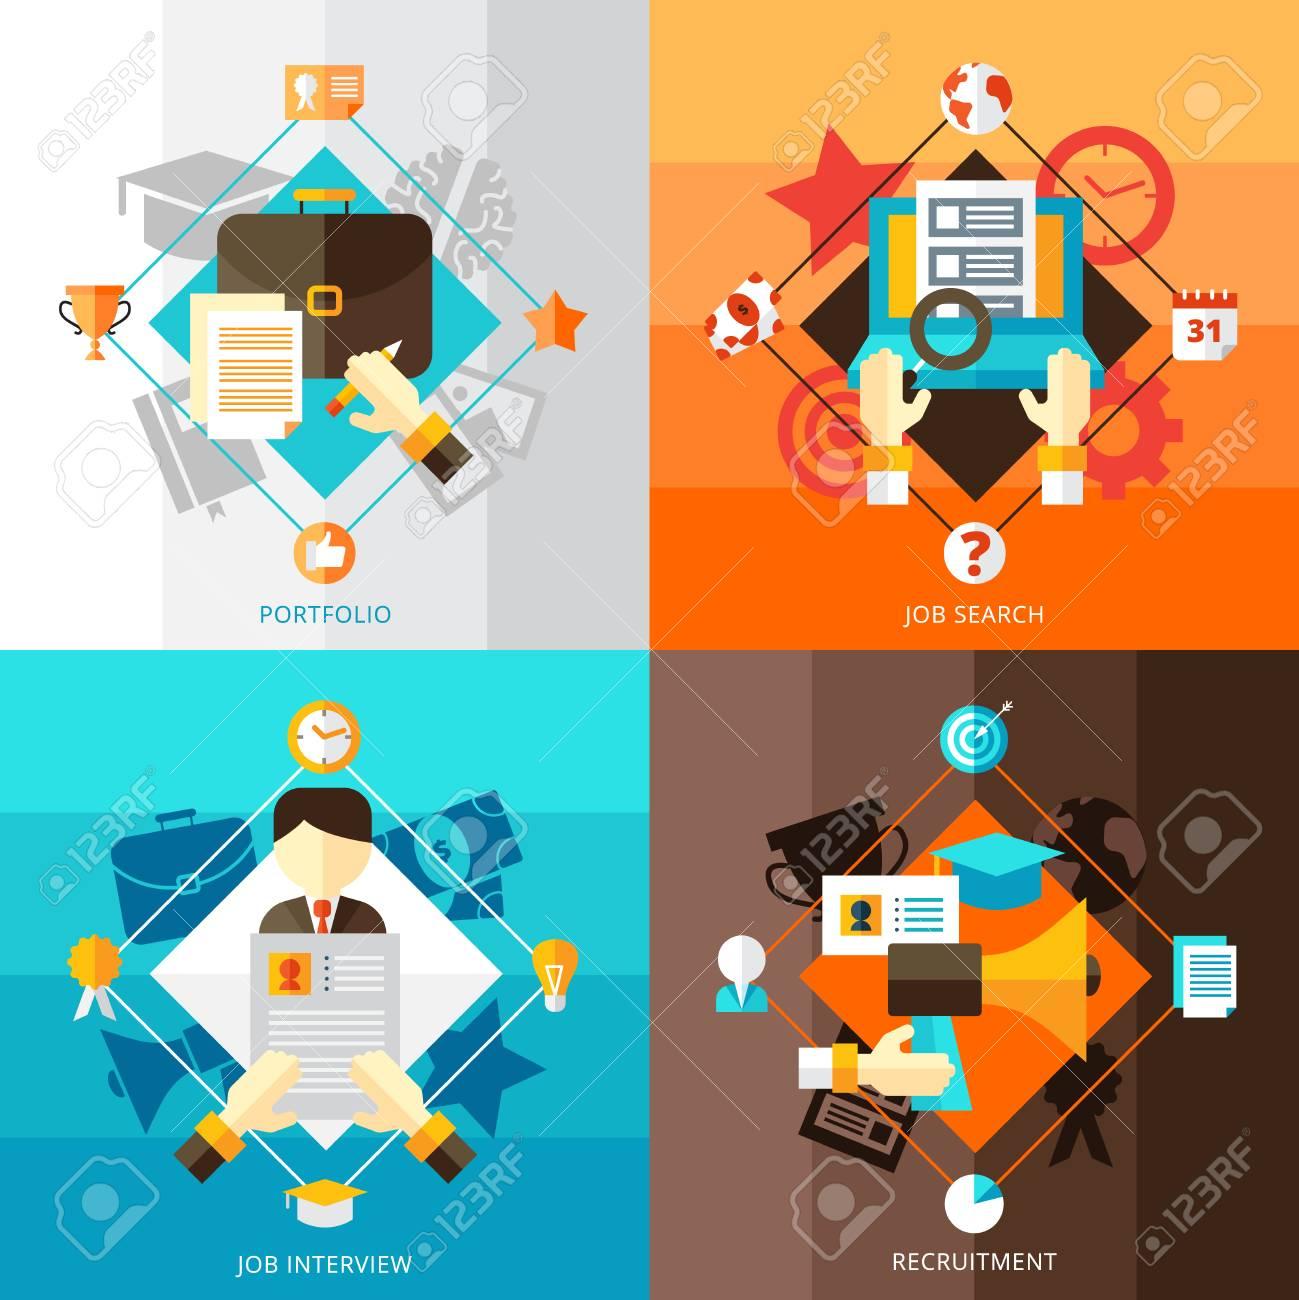 Reanudar Conjunto De Diseños De Concepto Plana 2x2 De Búsqueda De ...